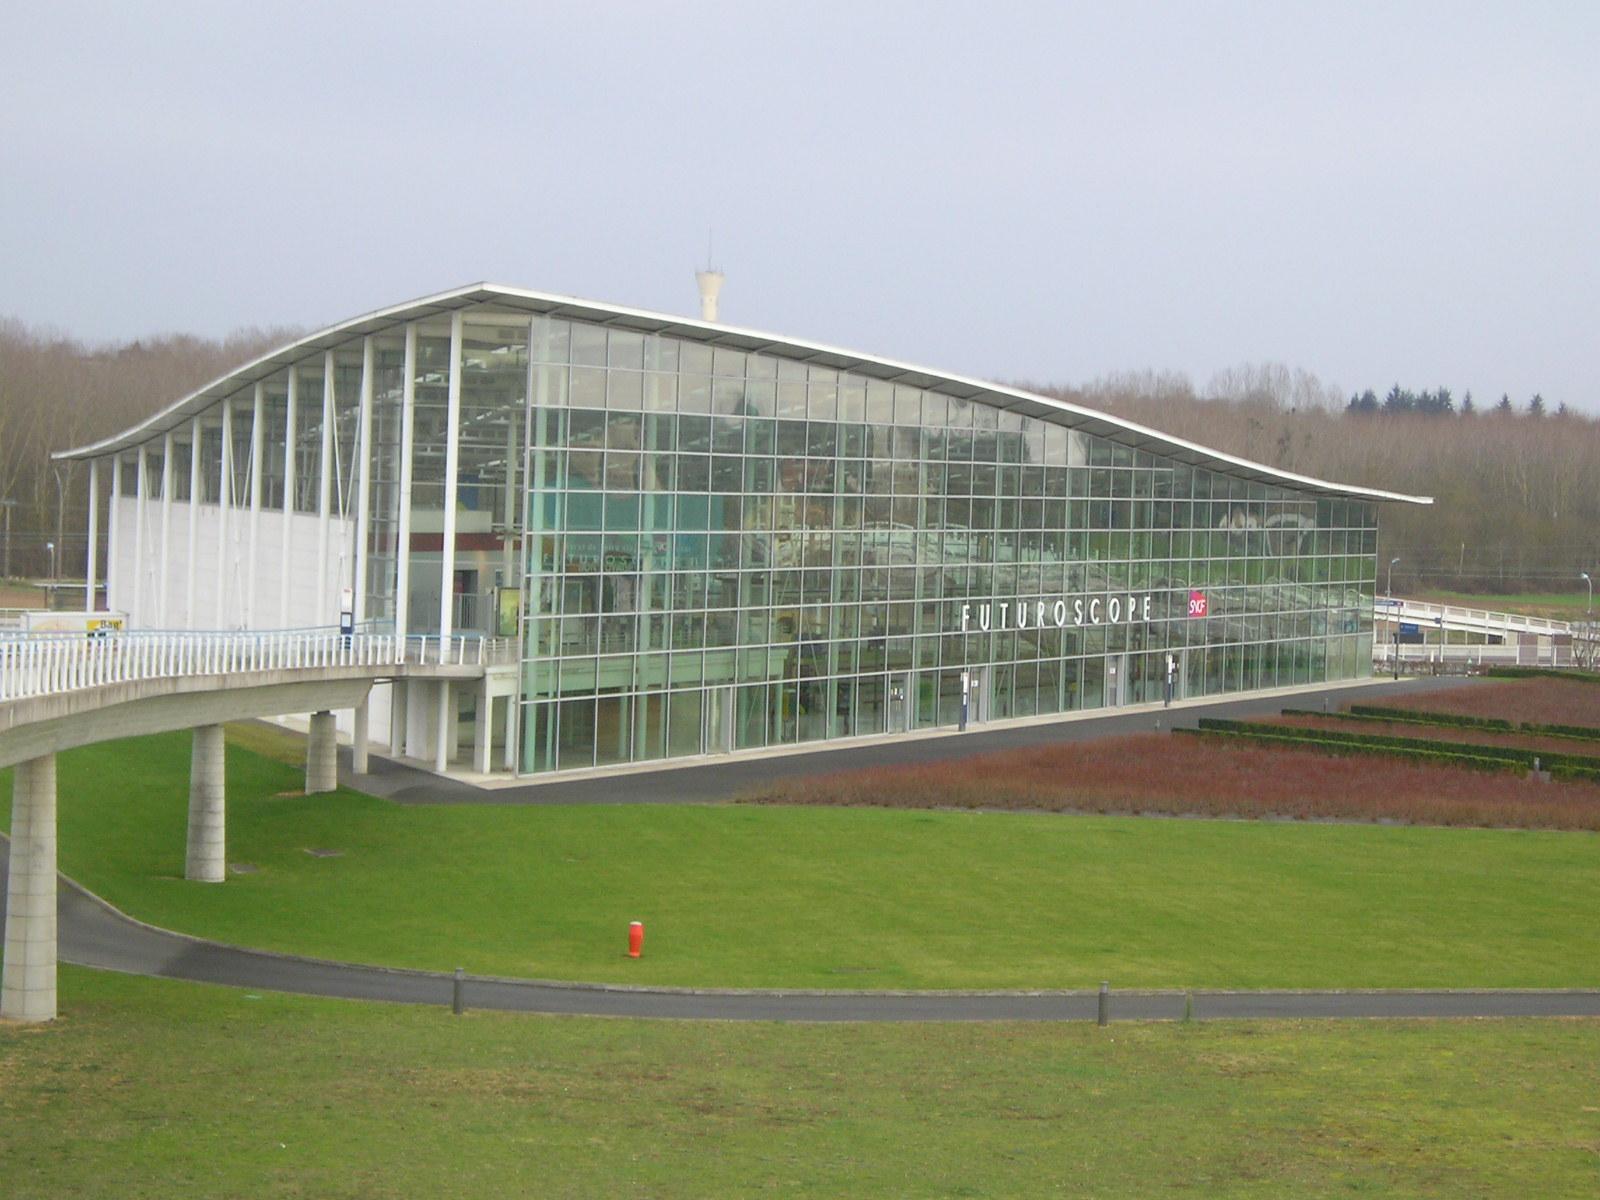 La Gare TGV Futuroscope Gare_TGV_Futuroscope_ext%C3%A9rieur